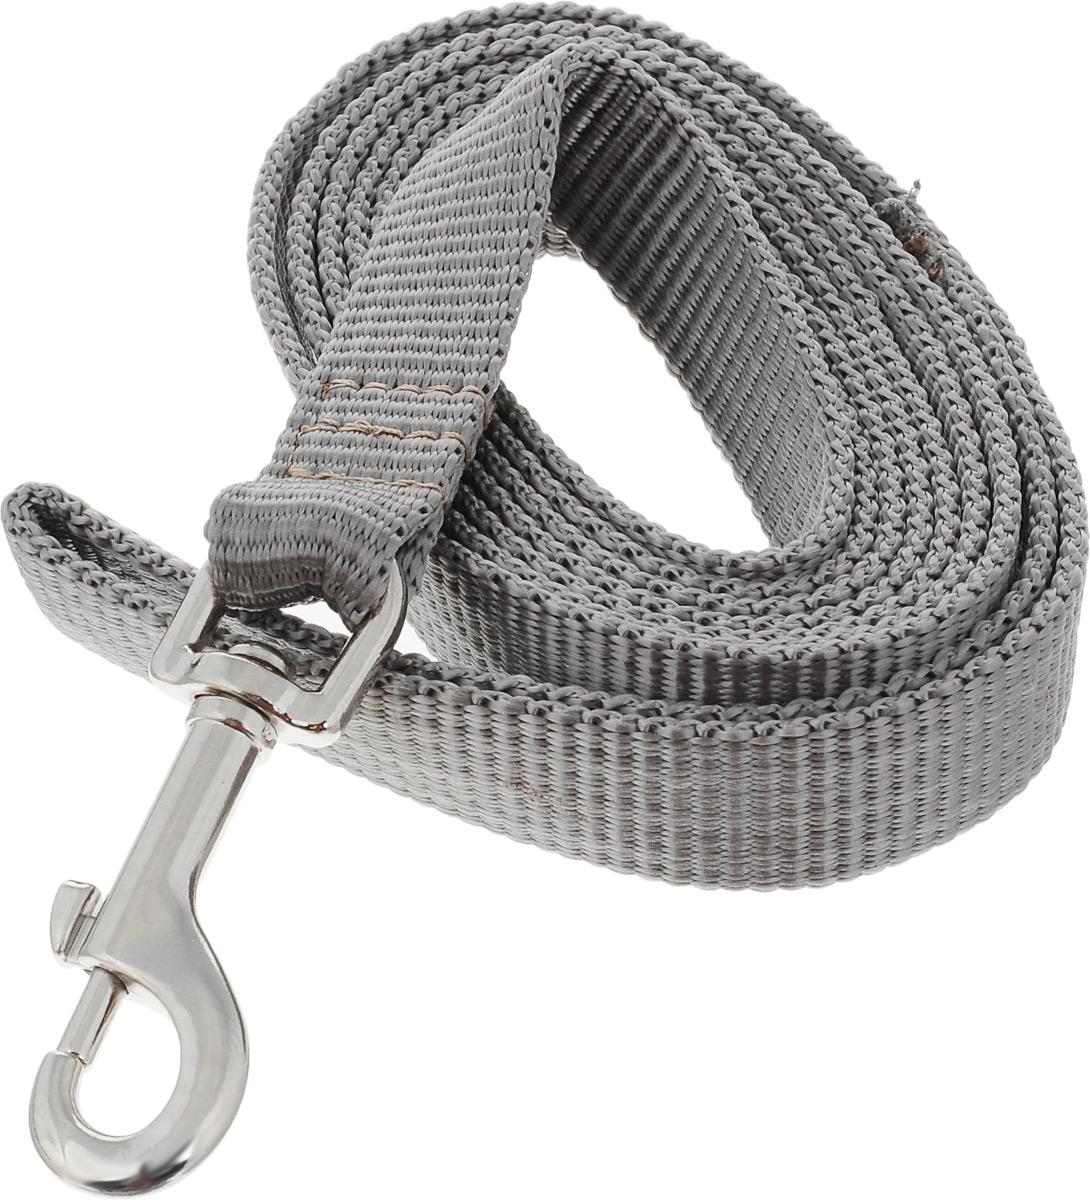 Поводок капроновый для собак Аркон, цвет: серый, ширина 2 см, длина 2 м поводок капроновый для собак аркон цвет розовый ширина 2 см длина 5 м